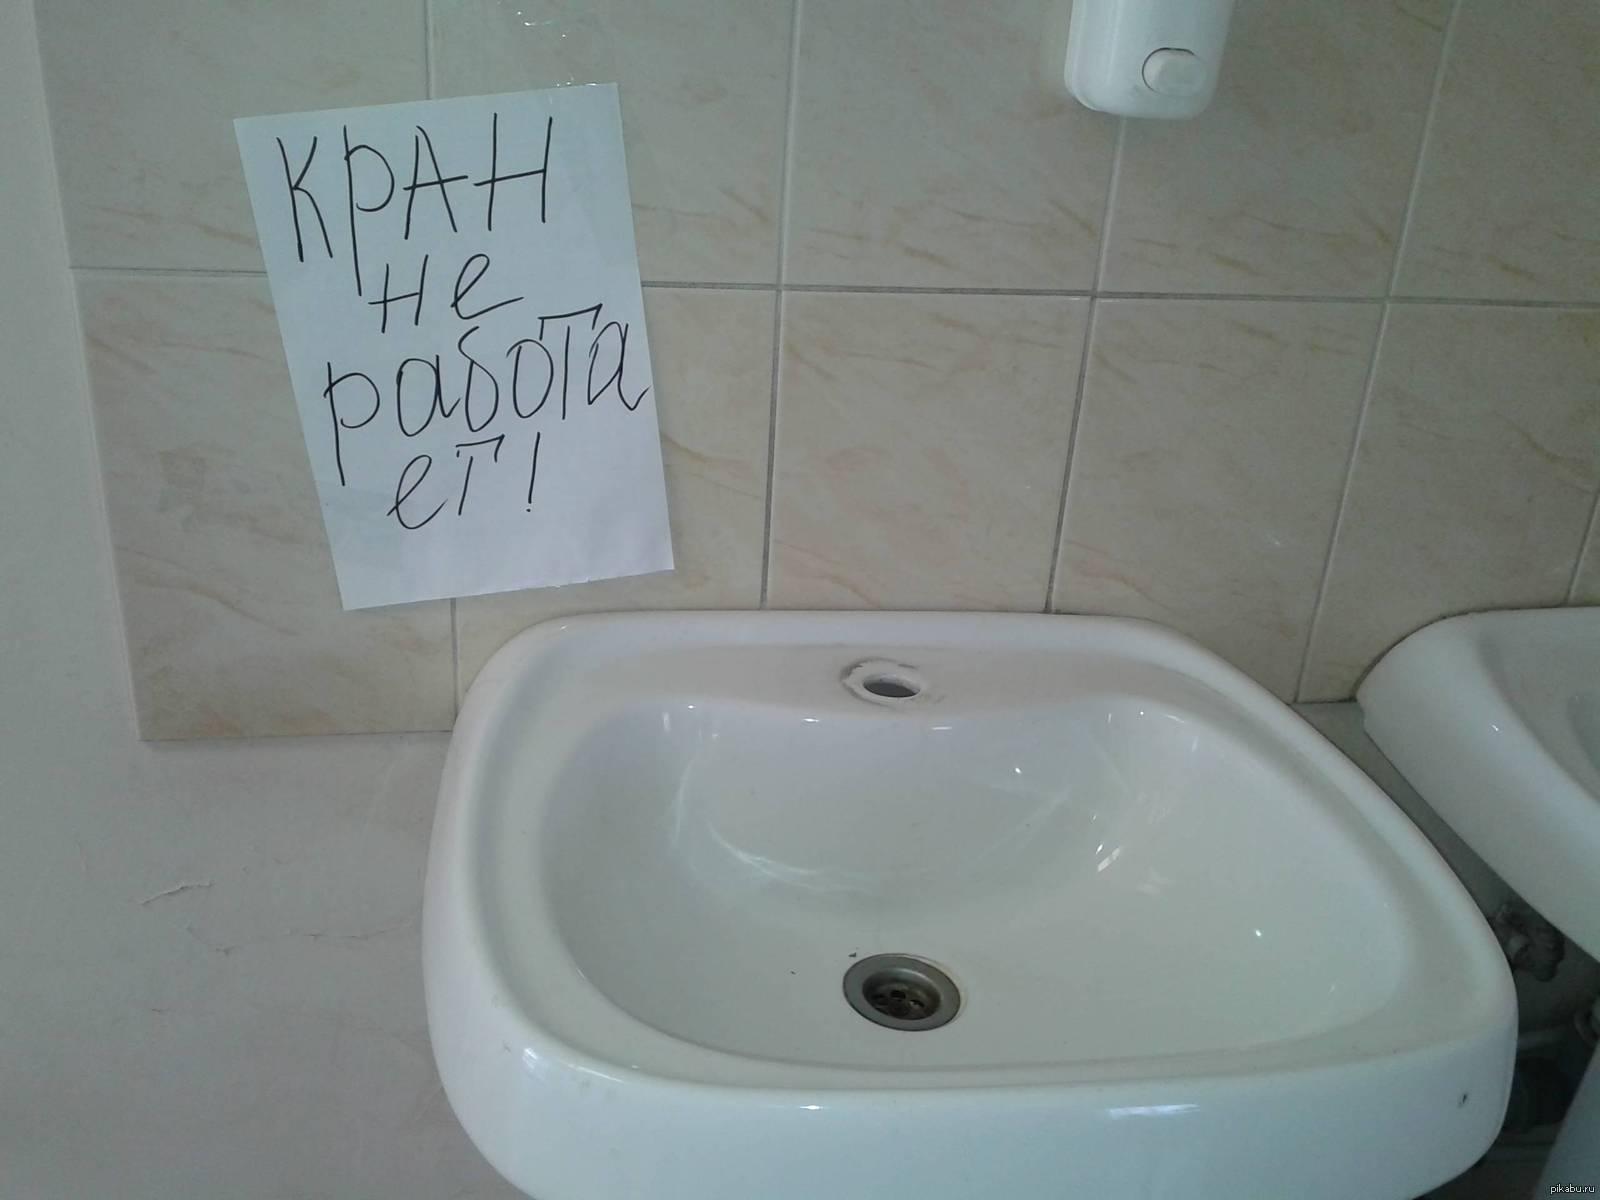 Жители Сыктывкара пожаловались на дебошира-сантехника, который отказался прочищать канализацию без доплаты и требовал демонтировать душевую кабину